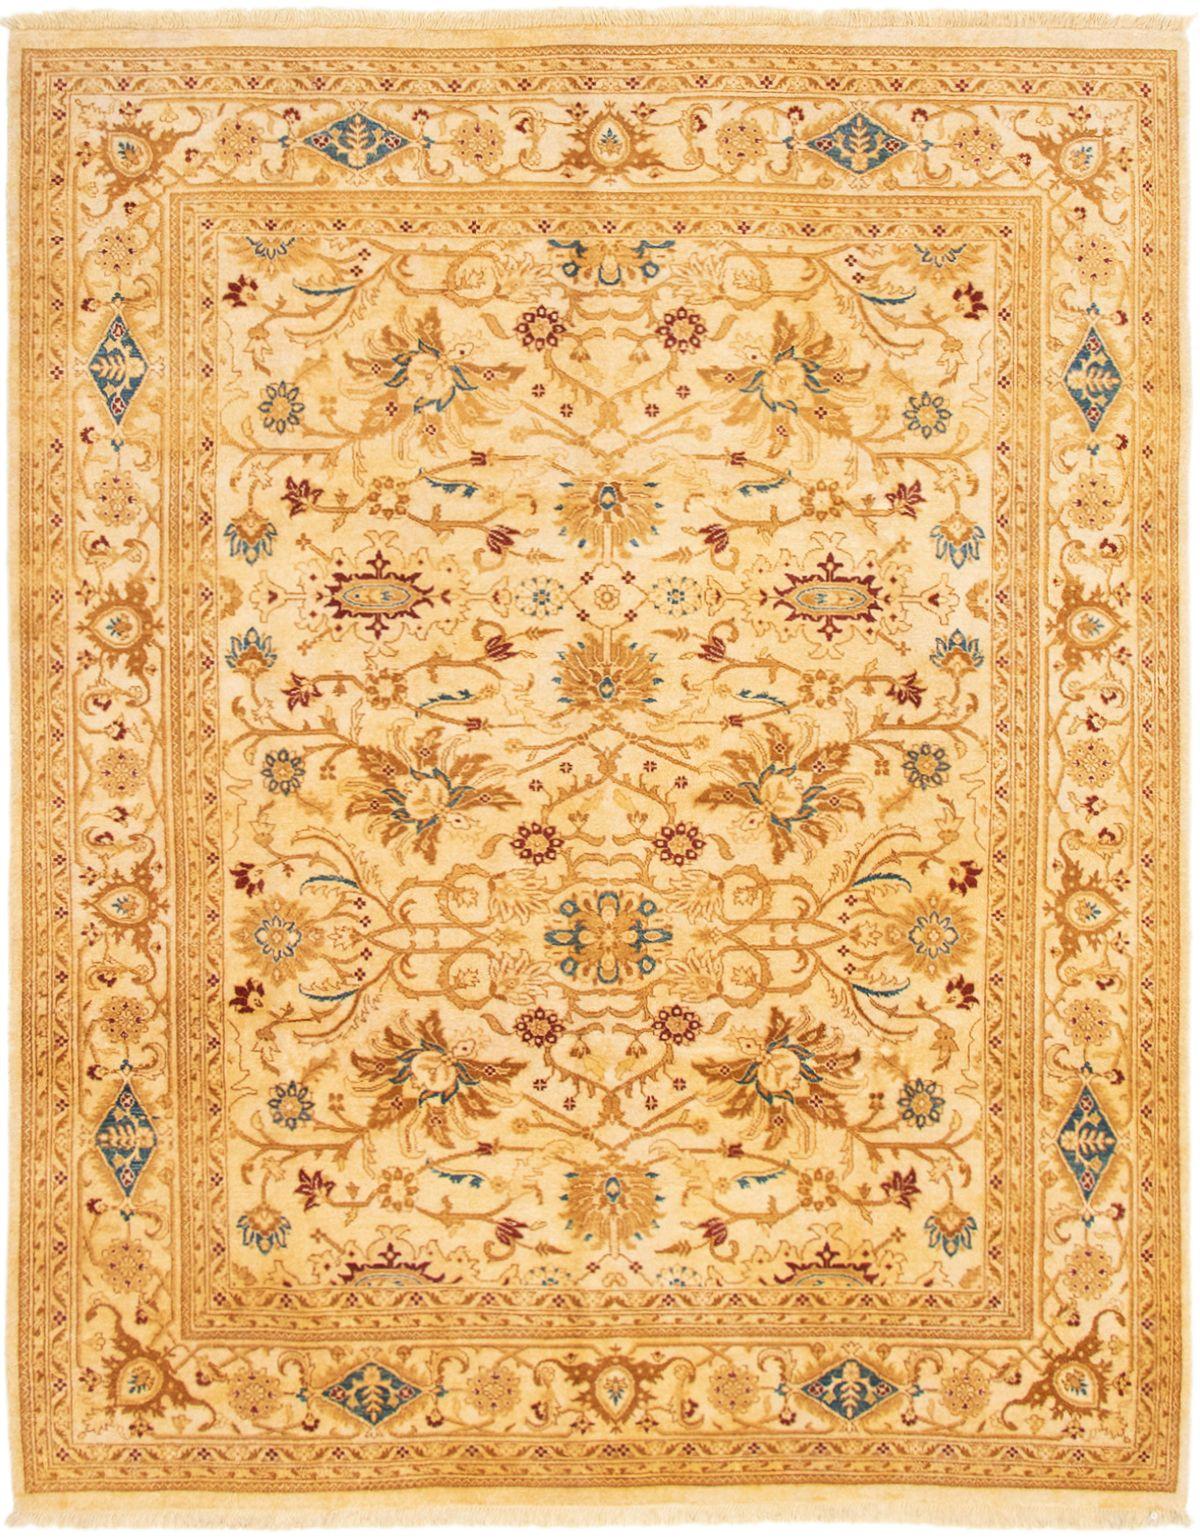 """Hand-knotted Peshawar Oushak Ivory Wool Rug 7'10"""" x 9'10"""" Size: 7'10"""" x 9'10"""""""